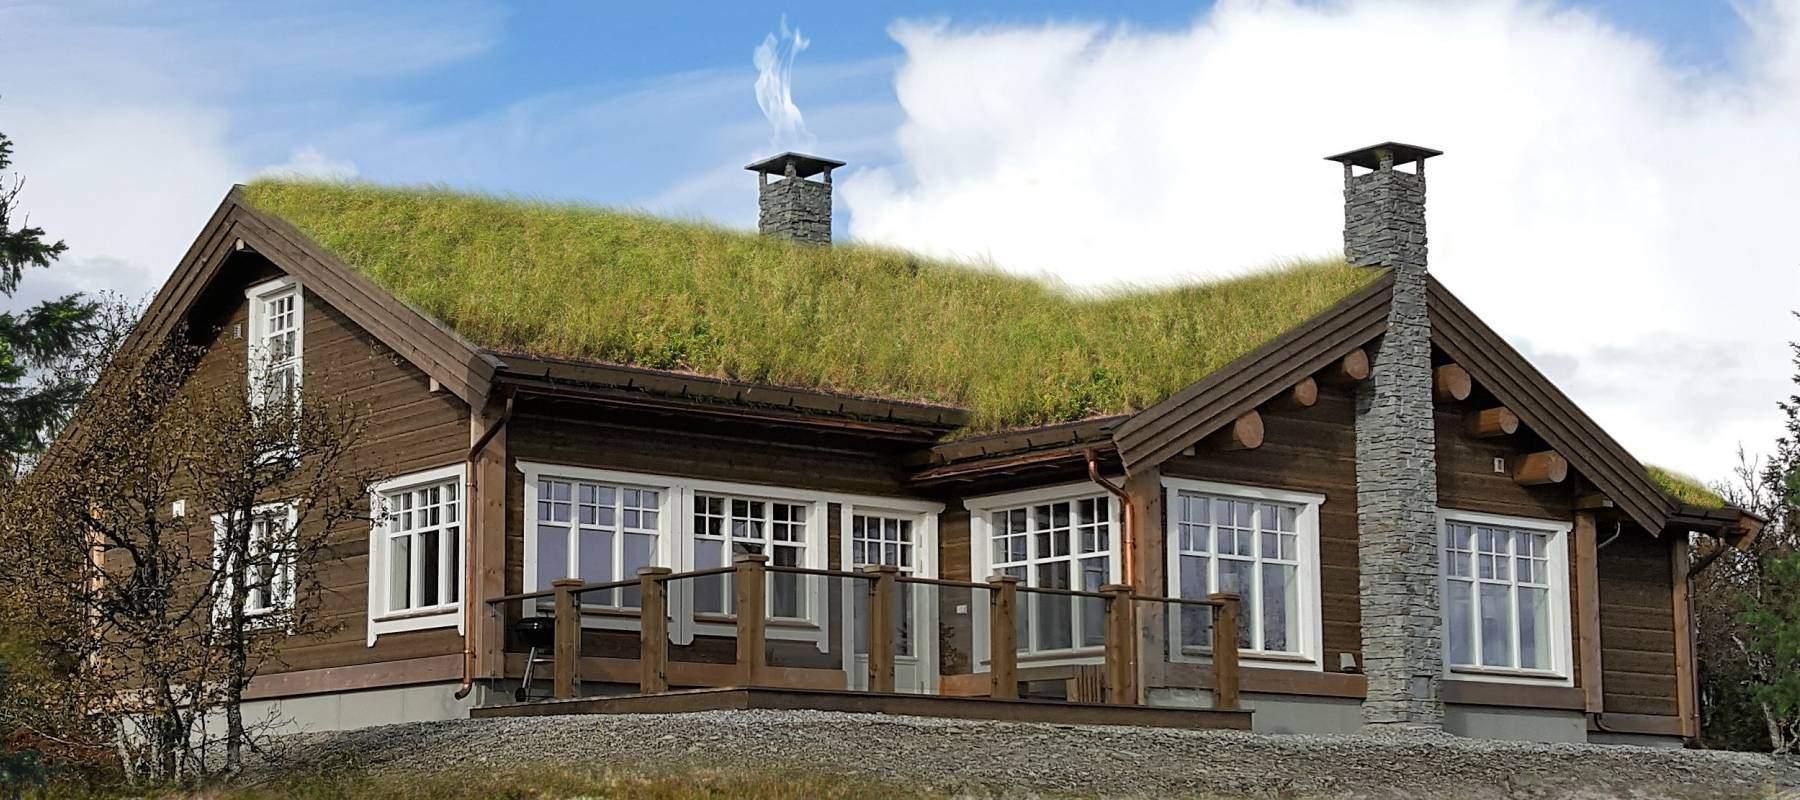 84 Hytteleverandor – Tiurtoppen Hytter Inspirasjon hytte pa Gålå